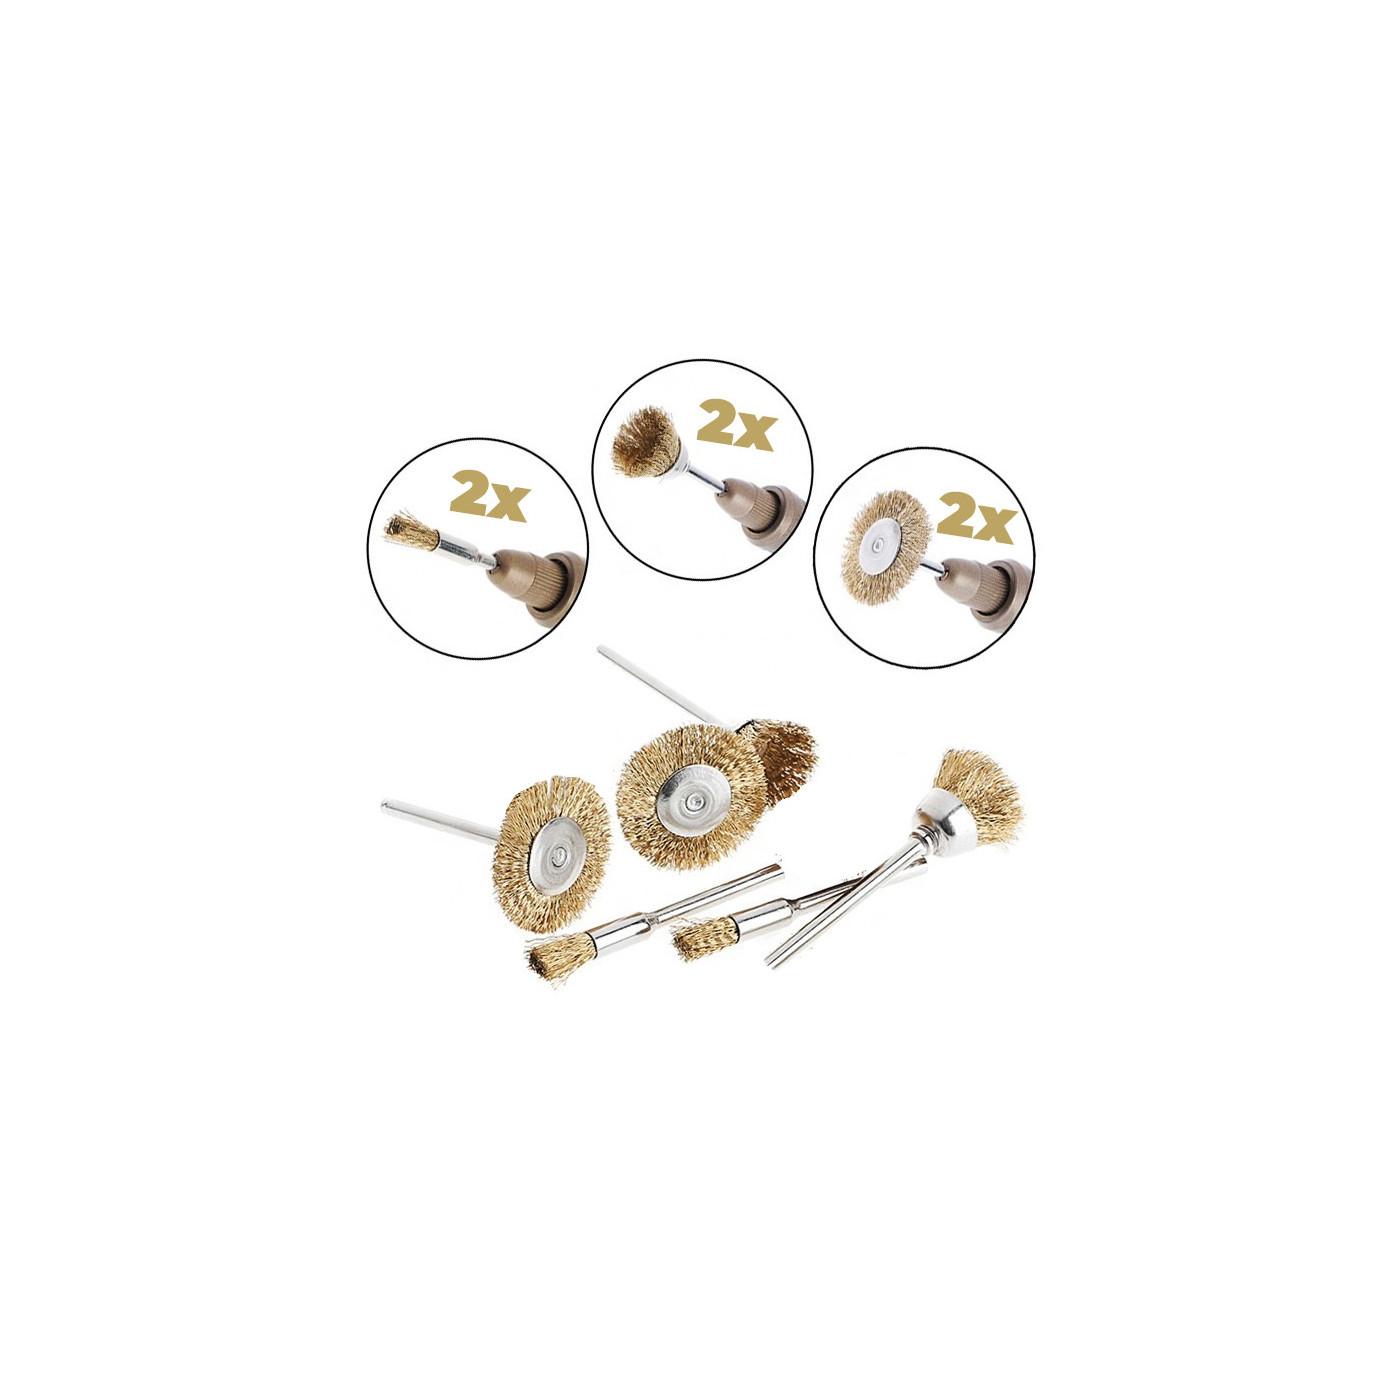 Zestaw mini szczotek drucianych (6 szt., Mosiądz, do narzędzi wielofunkcyjnych)  - 1